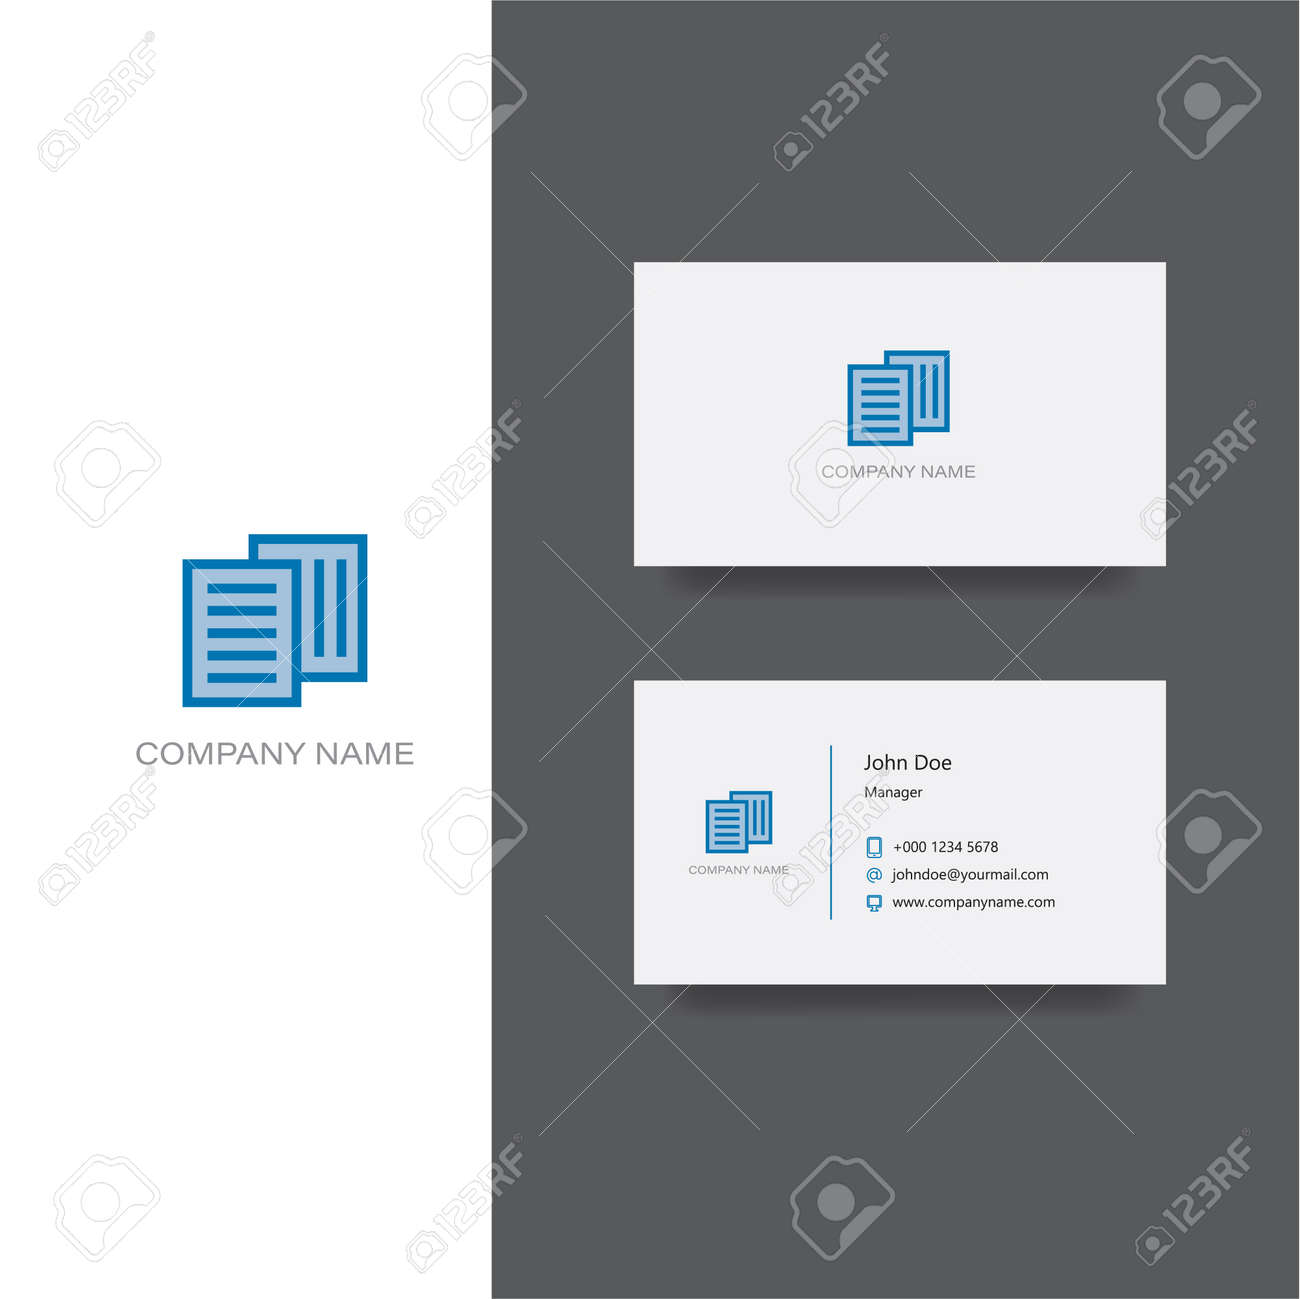 Societe De Documents Financiers Logo Et Modele Carte Visite